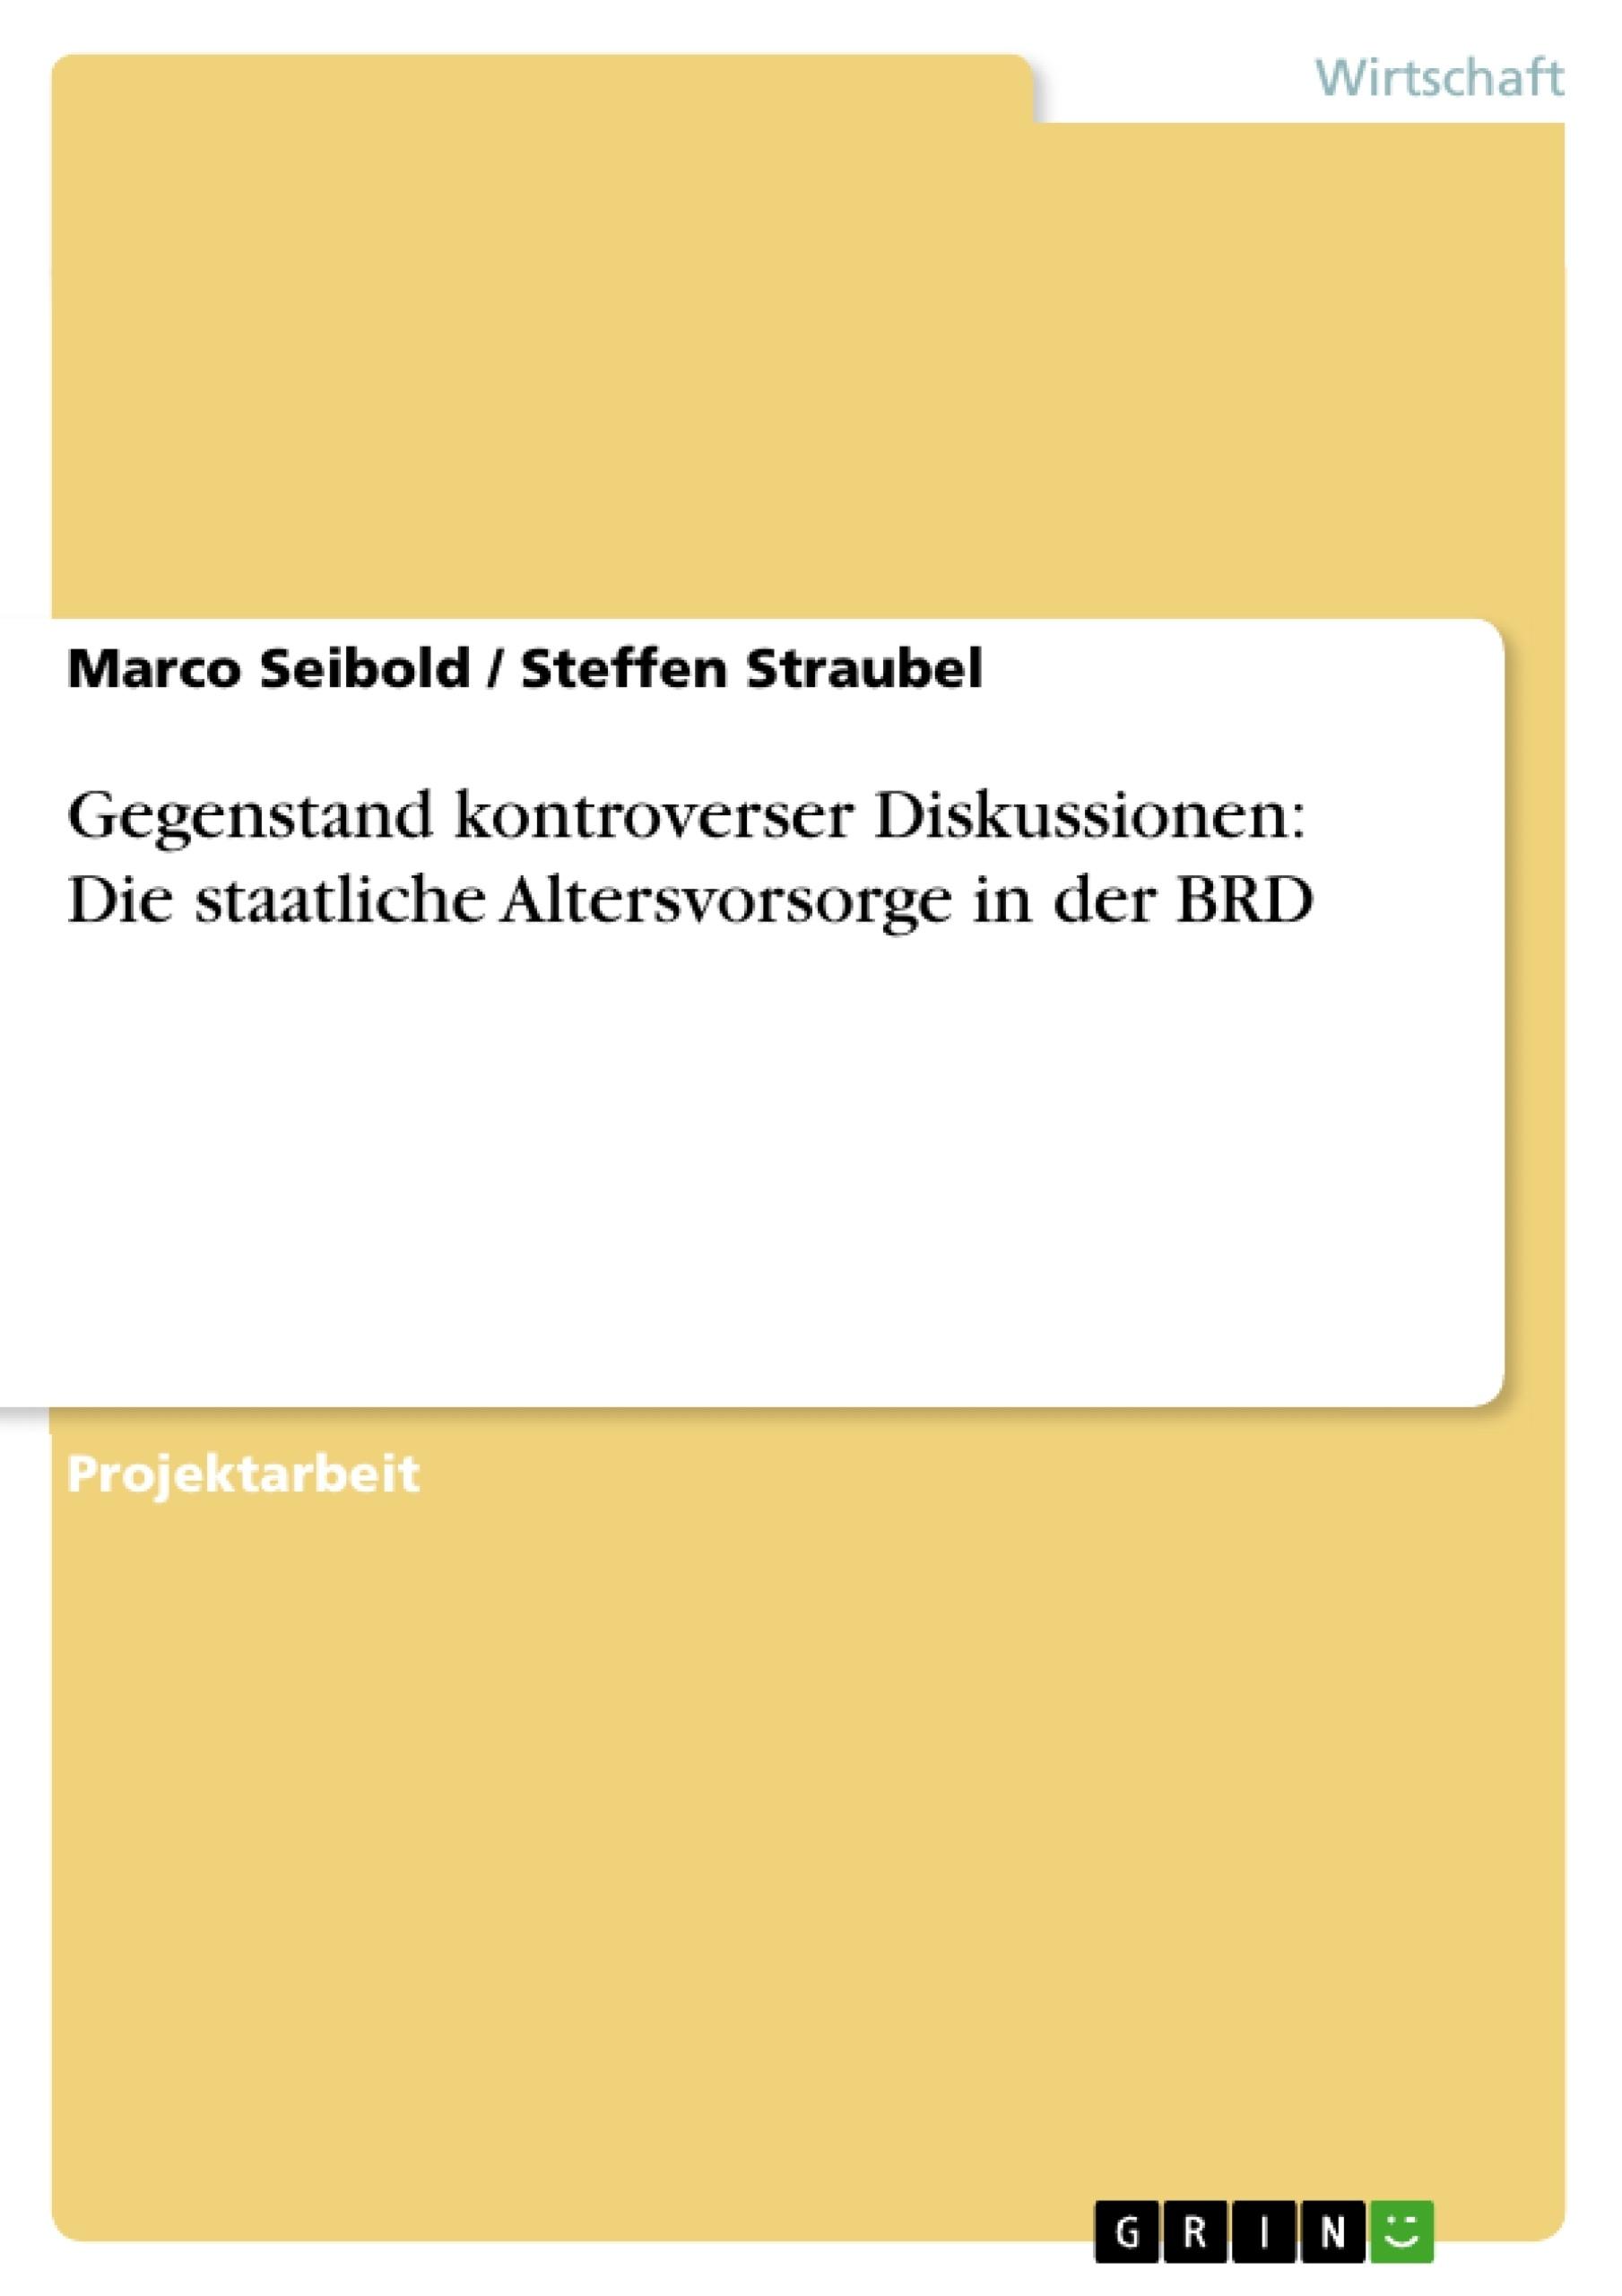 Titel: Gegenstand kontroverser Diskussionen: Die staatliche Altersvorsorge in der BRD